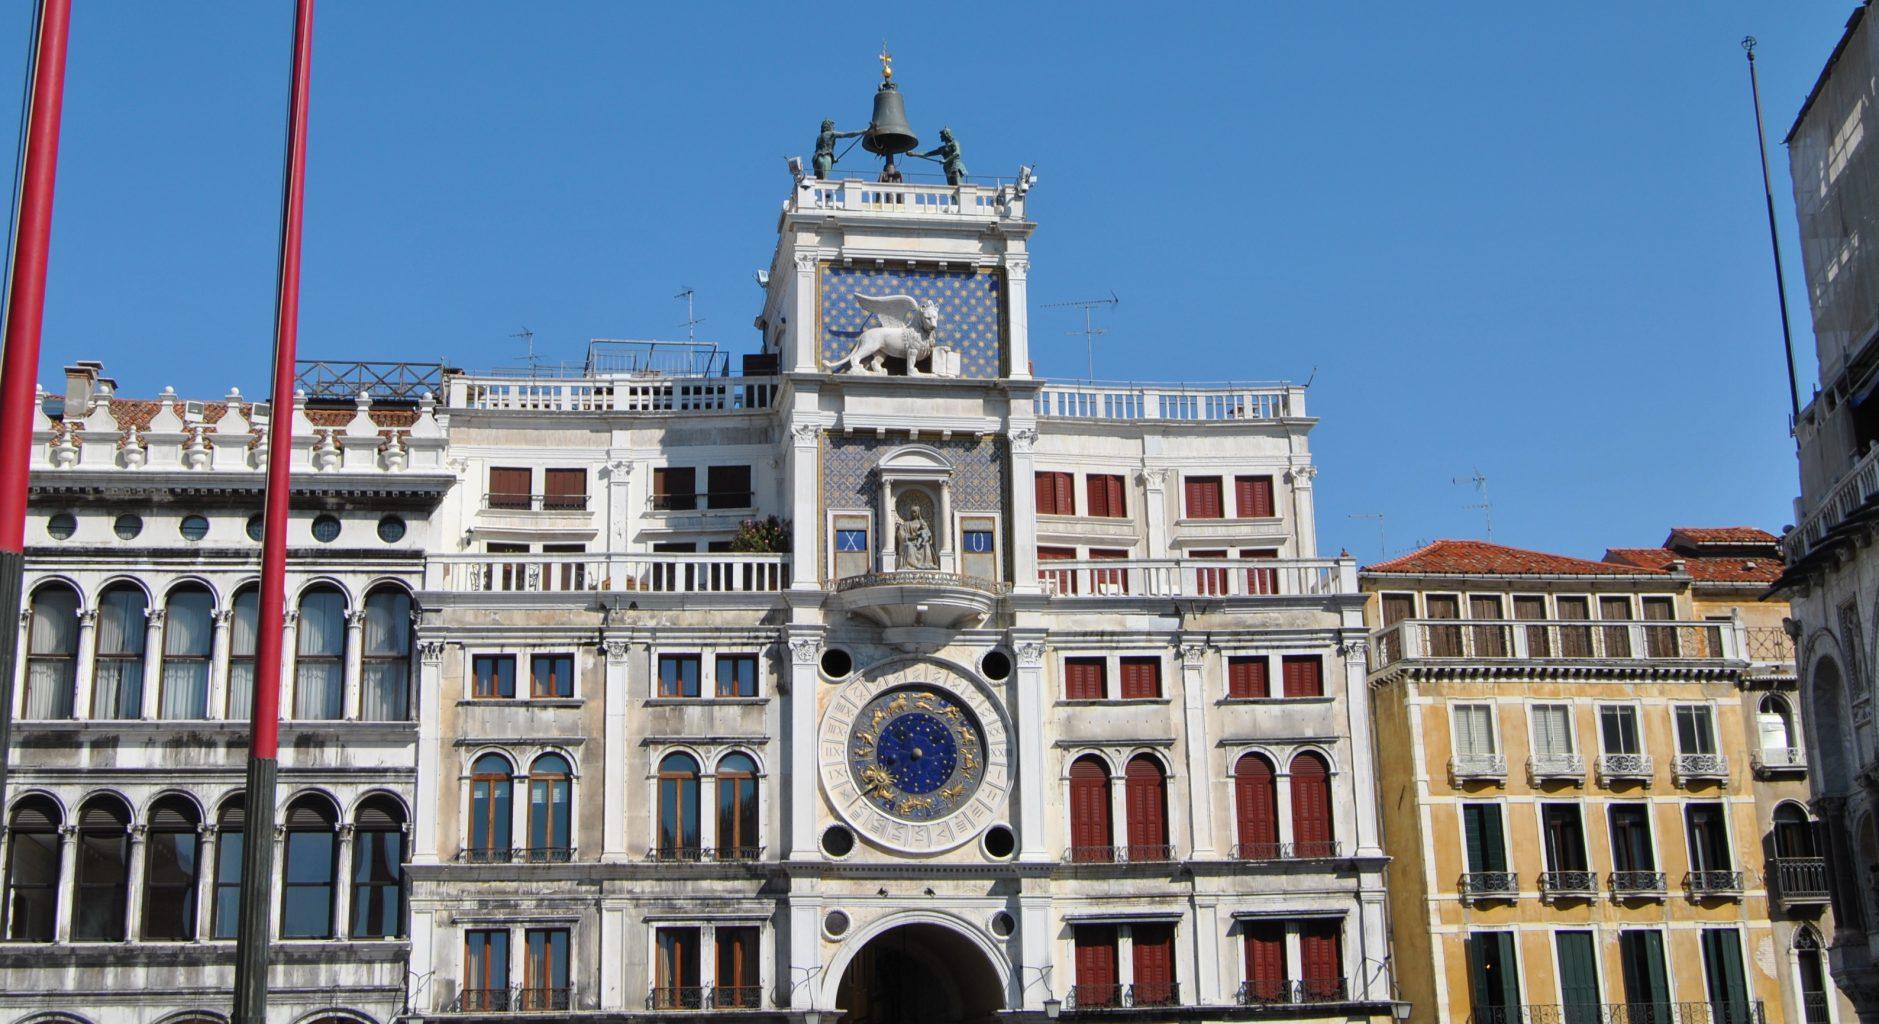 Torre del Reloj. qué ver en Venecia